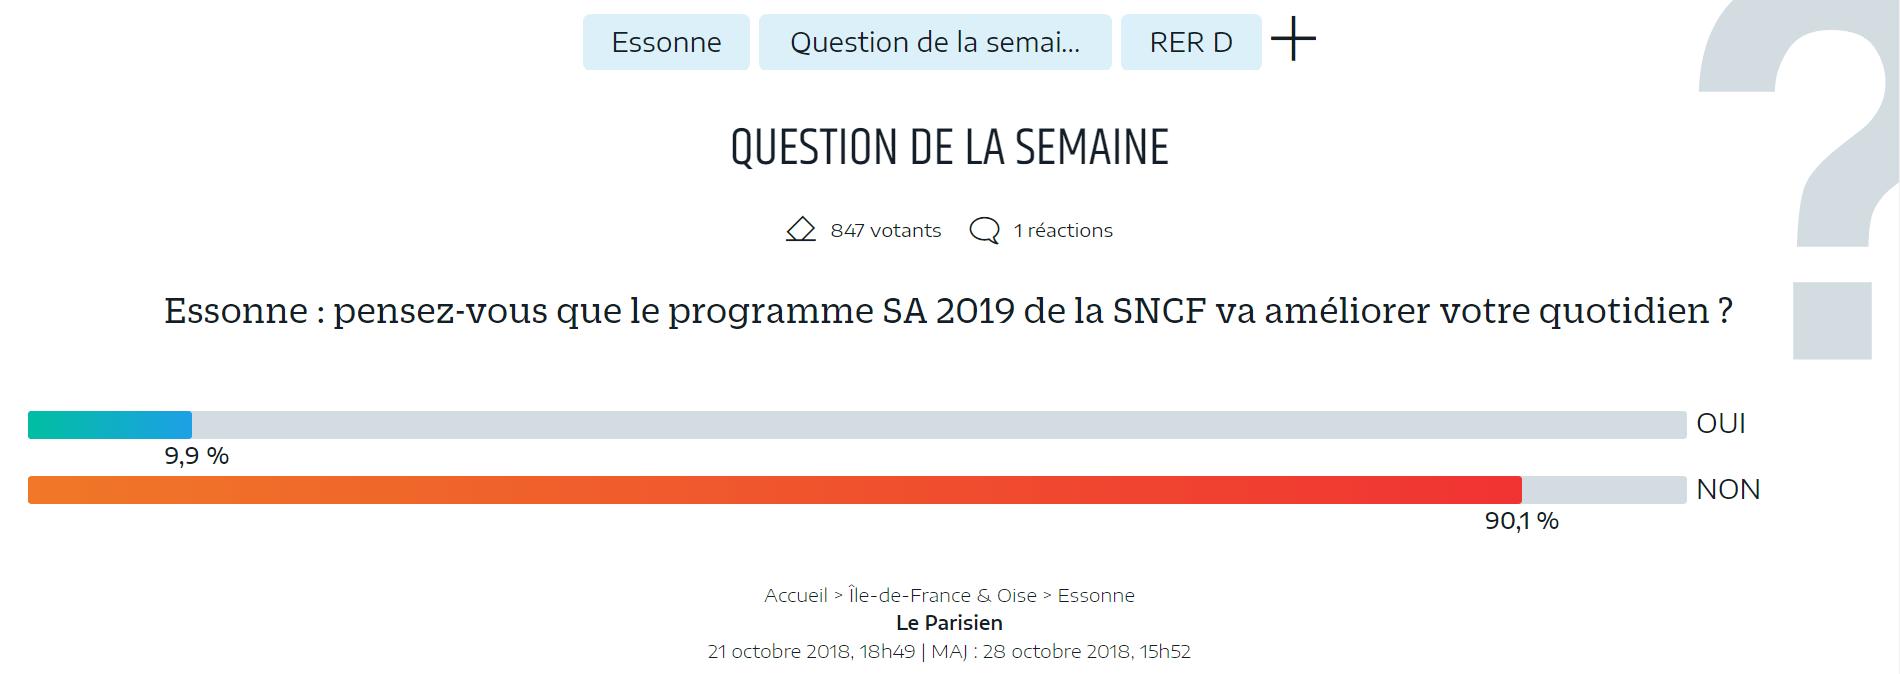 Sondages : moins de 10% des répondants croient que le SA 2019 va améliorer leur quotidien!